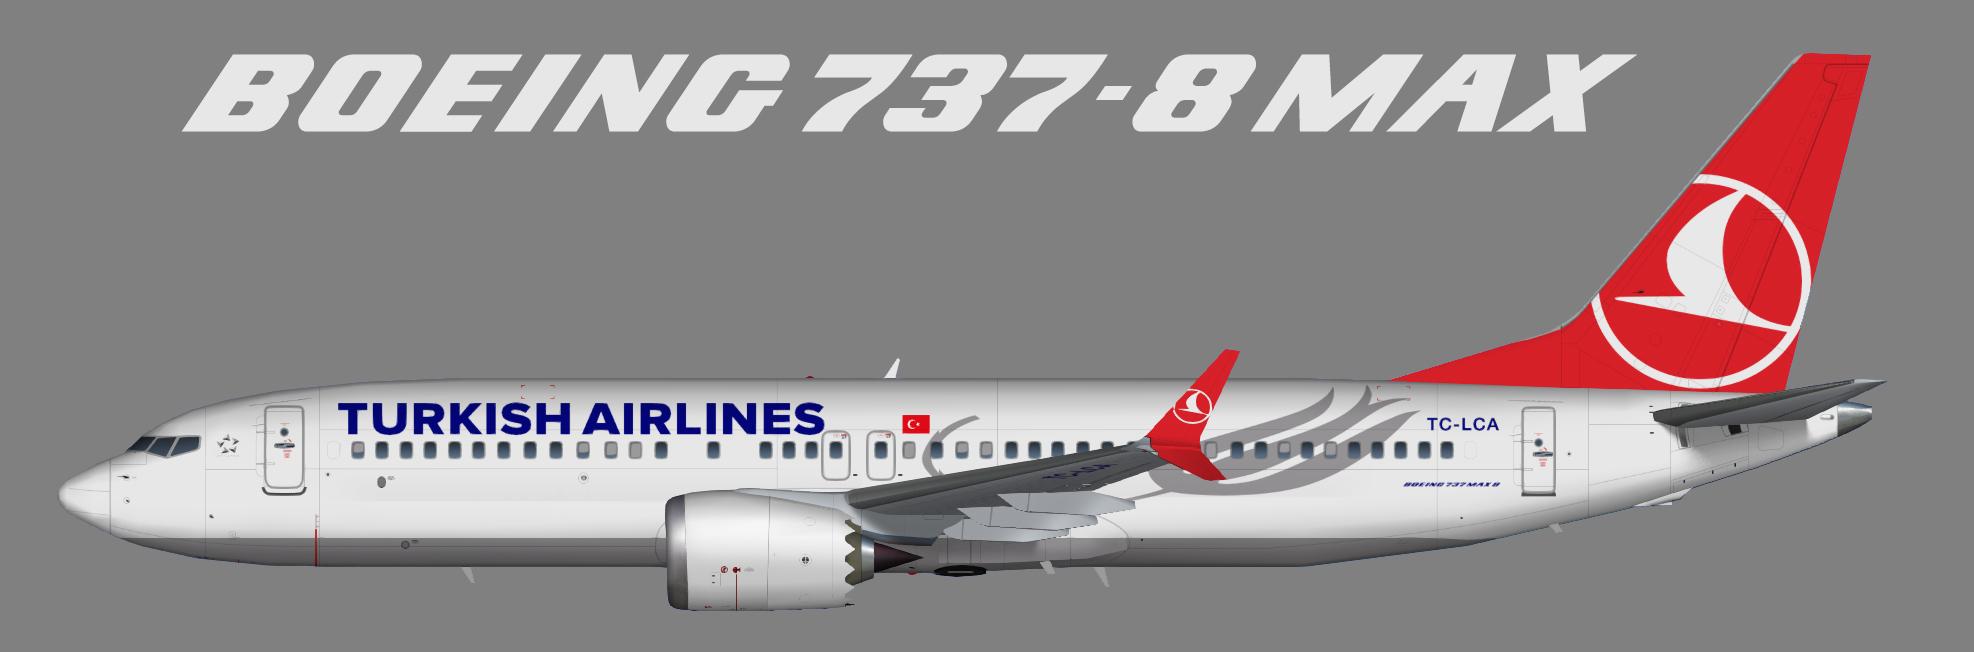 Turkish Airlines Boeing 737 MAX 8 – Juergen's paint hangar